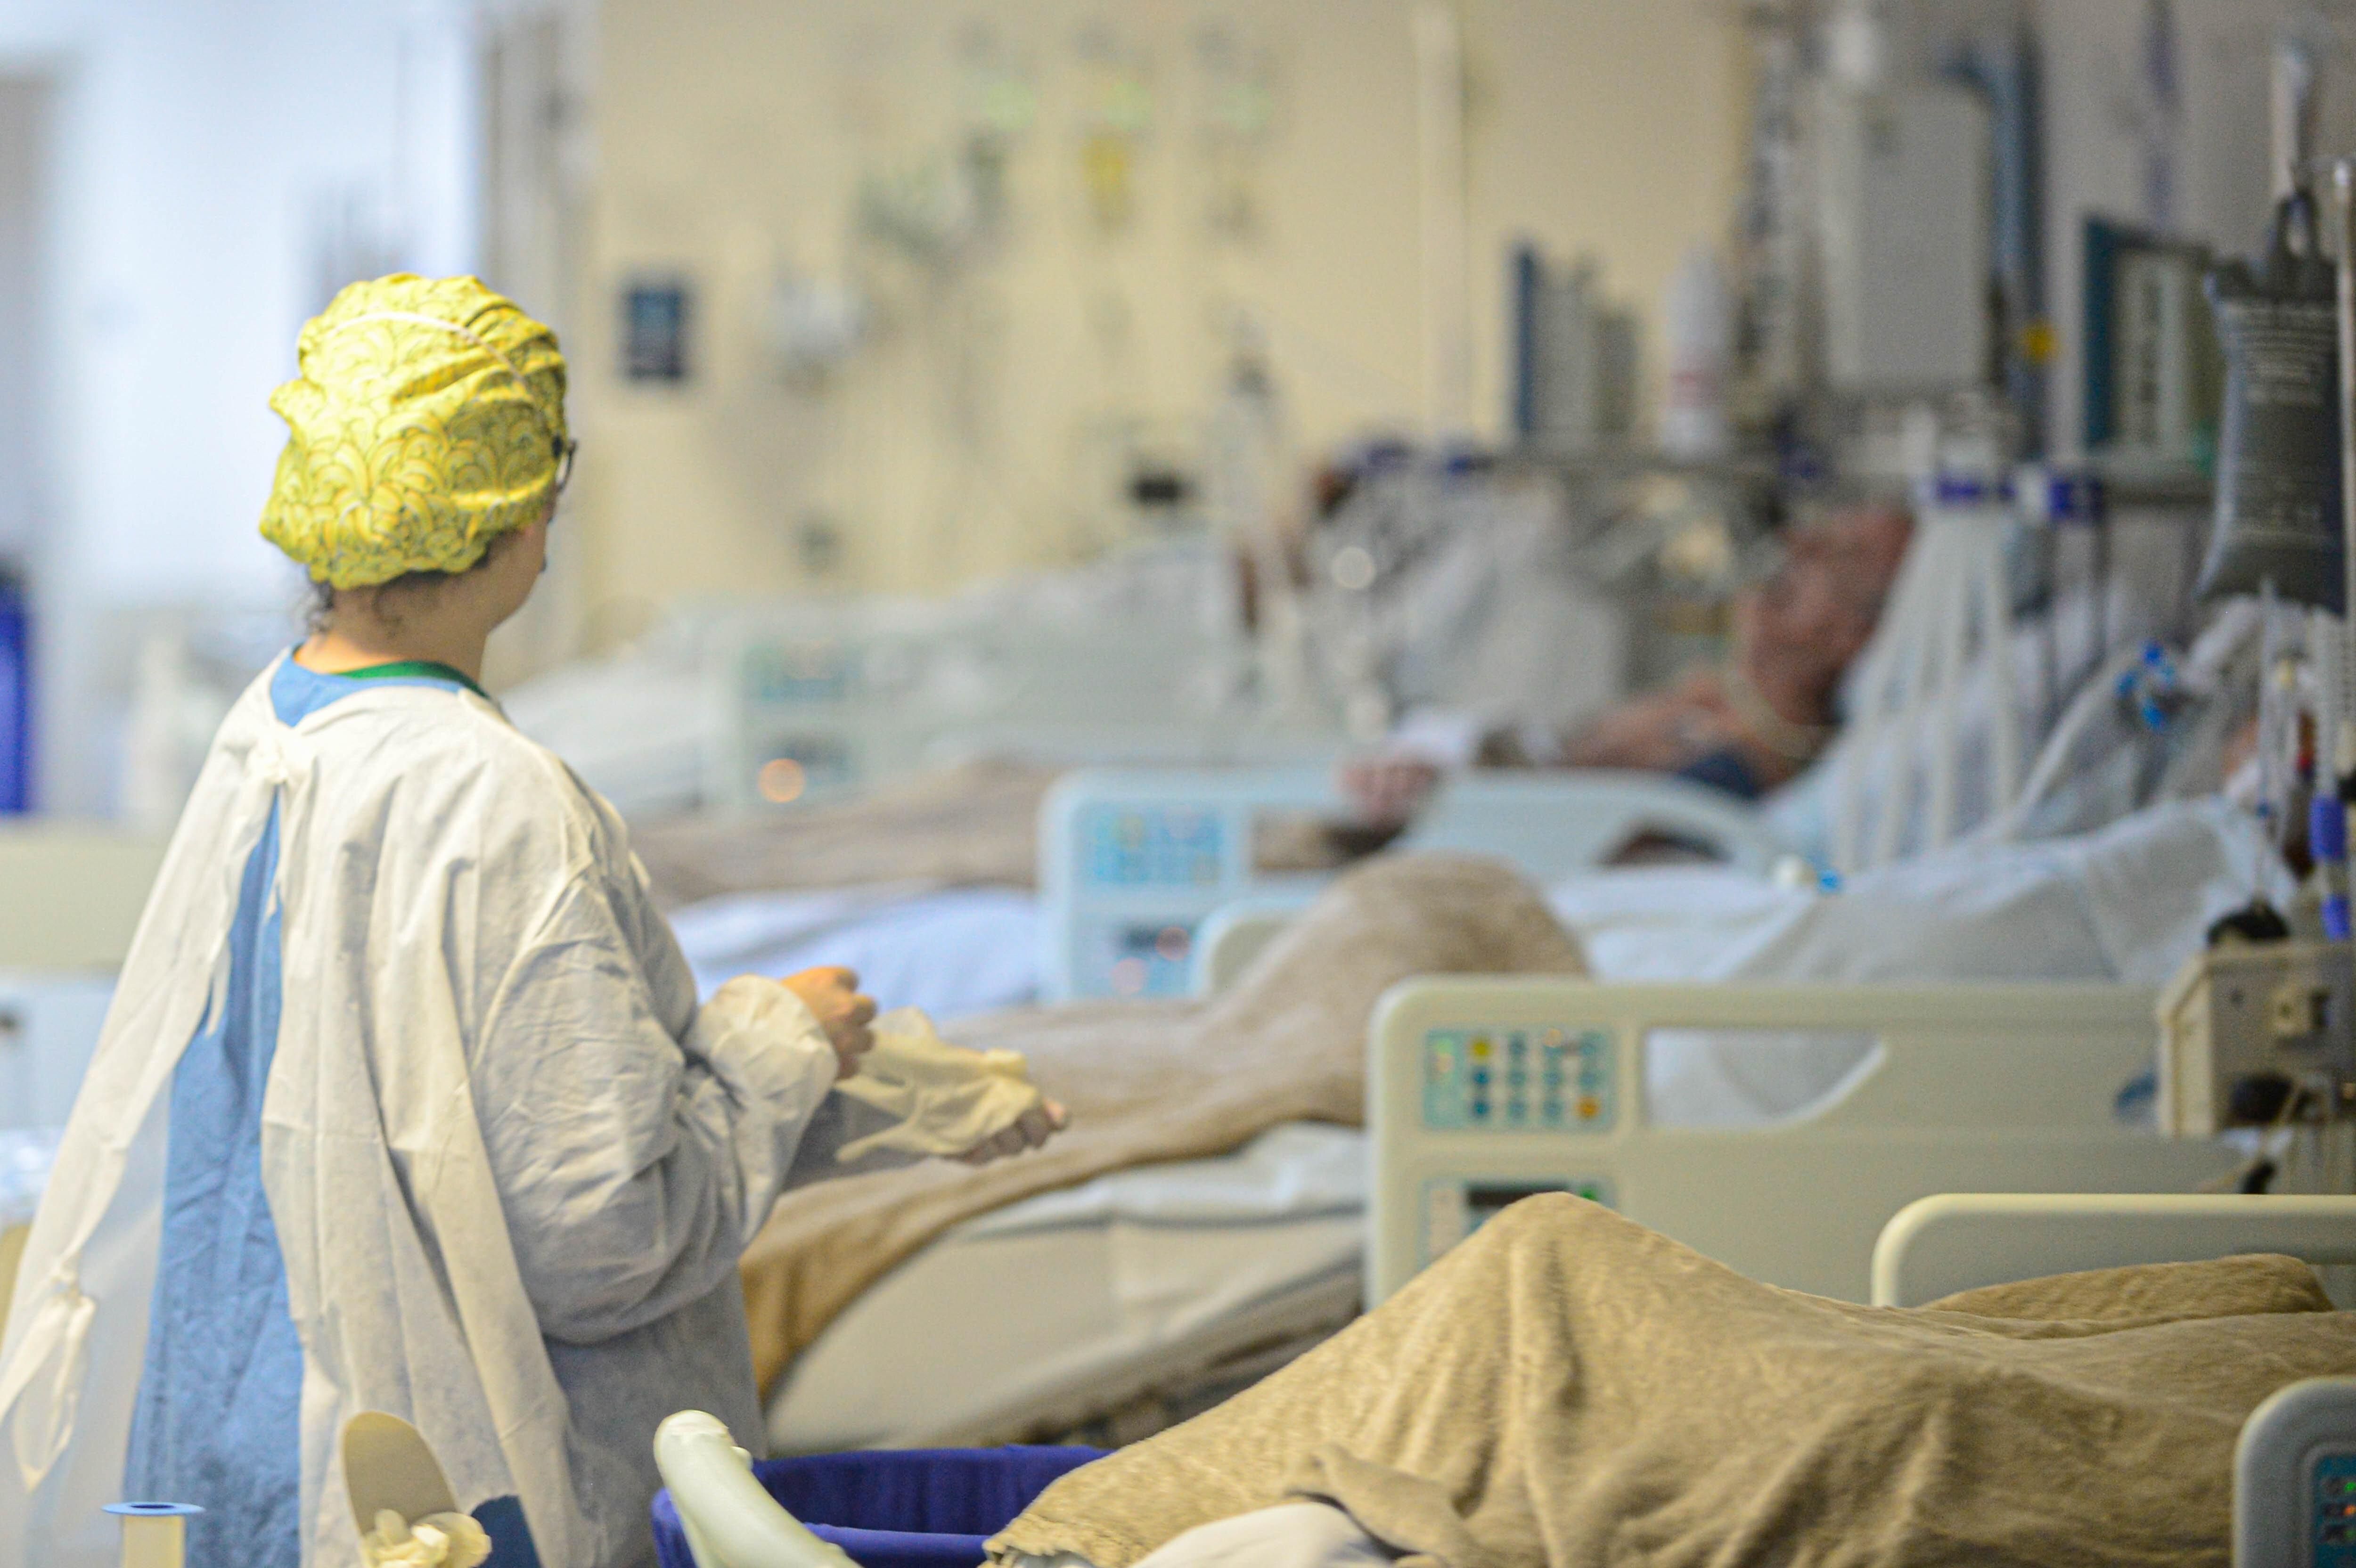 SC teve média de 1 morte por dia de paciente à espera de UTI adulto Covid na 1ª quinzena de abril